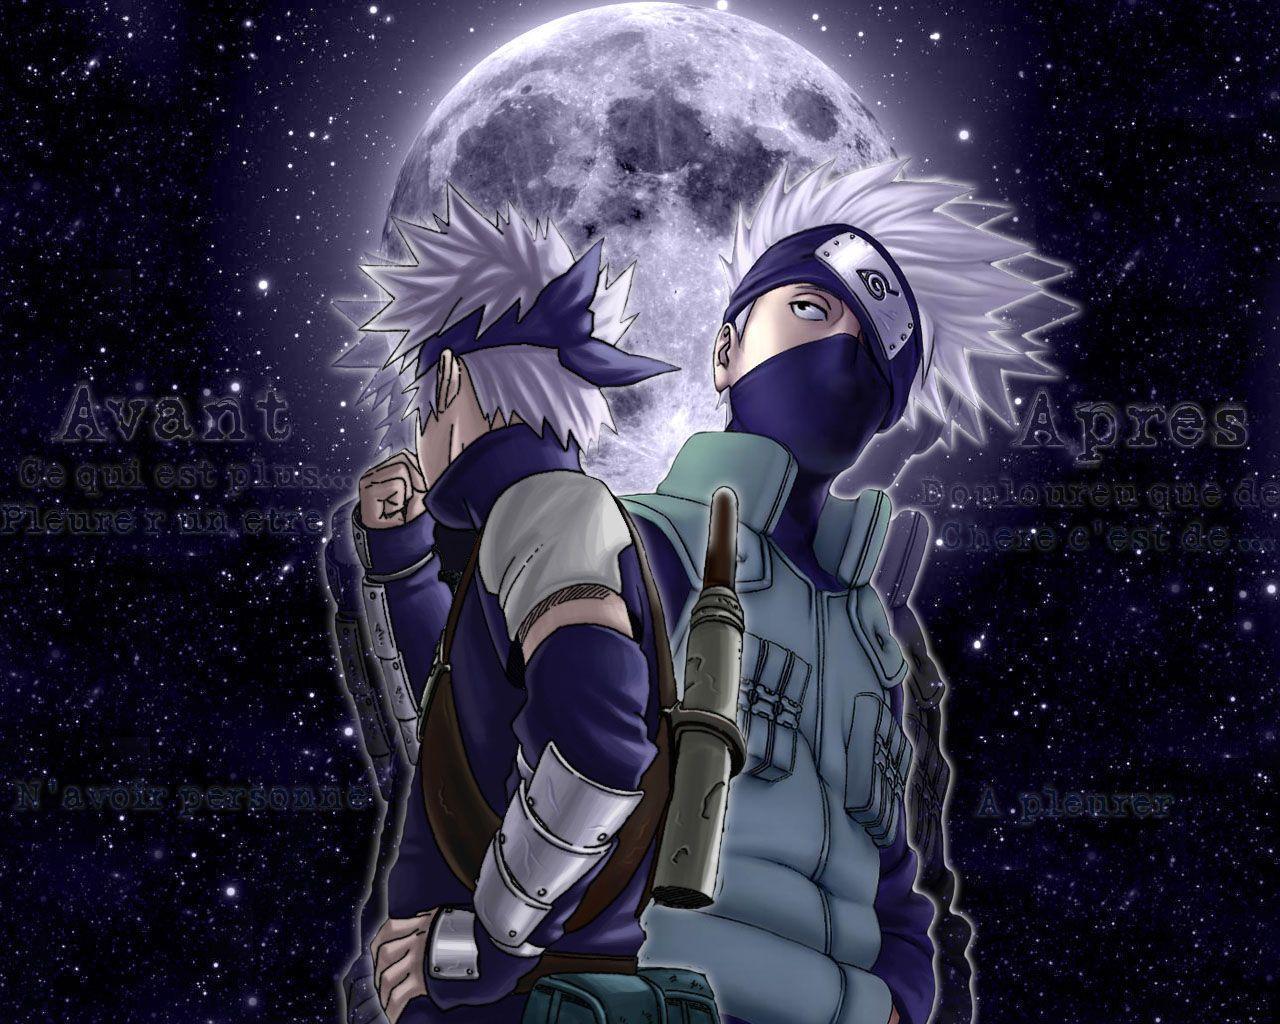 Naruto Kakashi Wallpapers - Top Free Naruto Kakashi Backgrounds